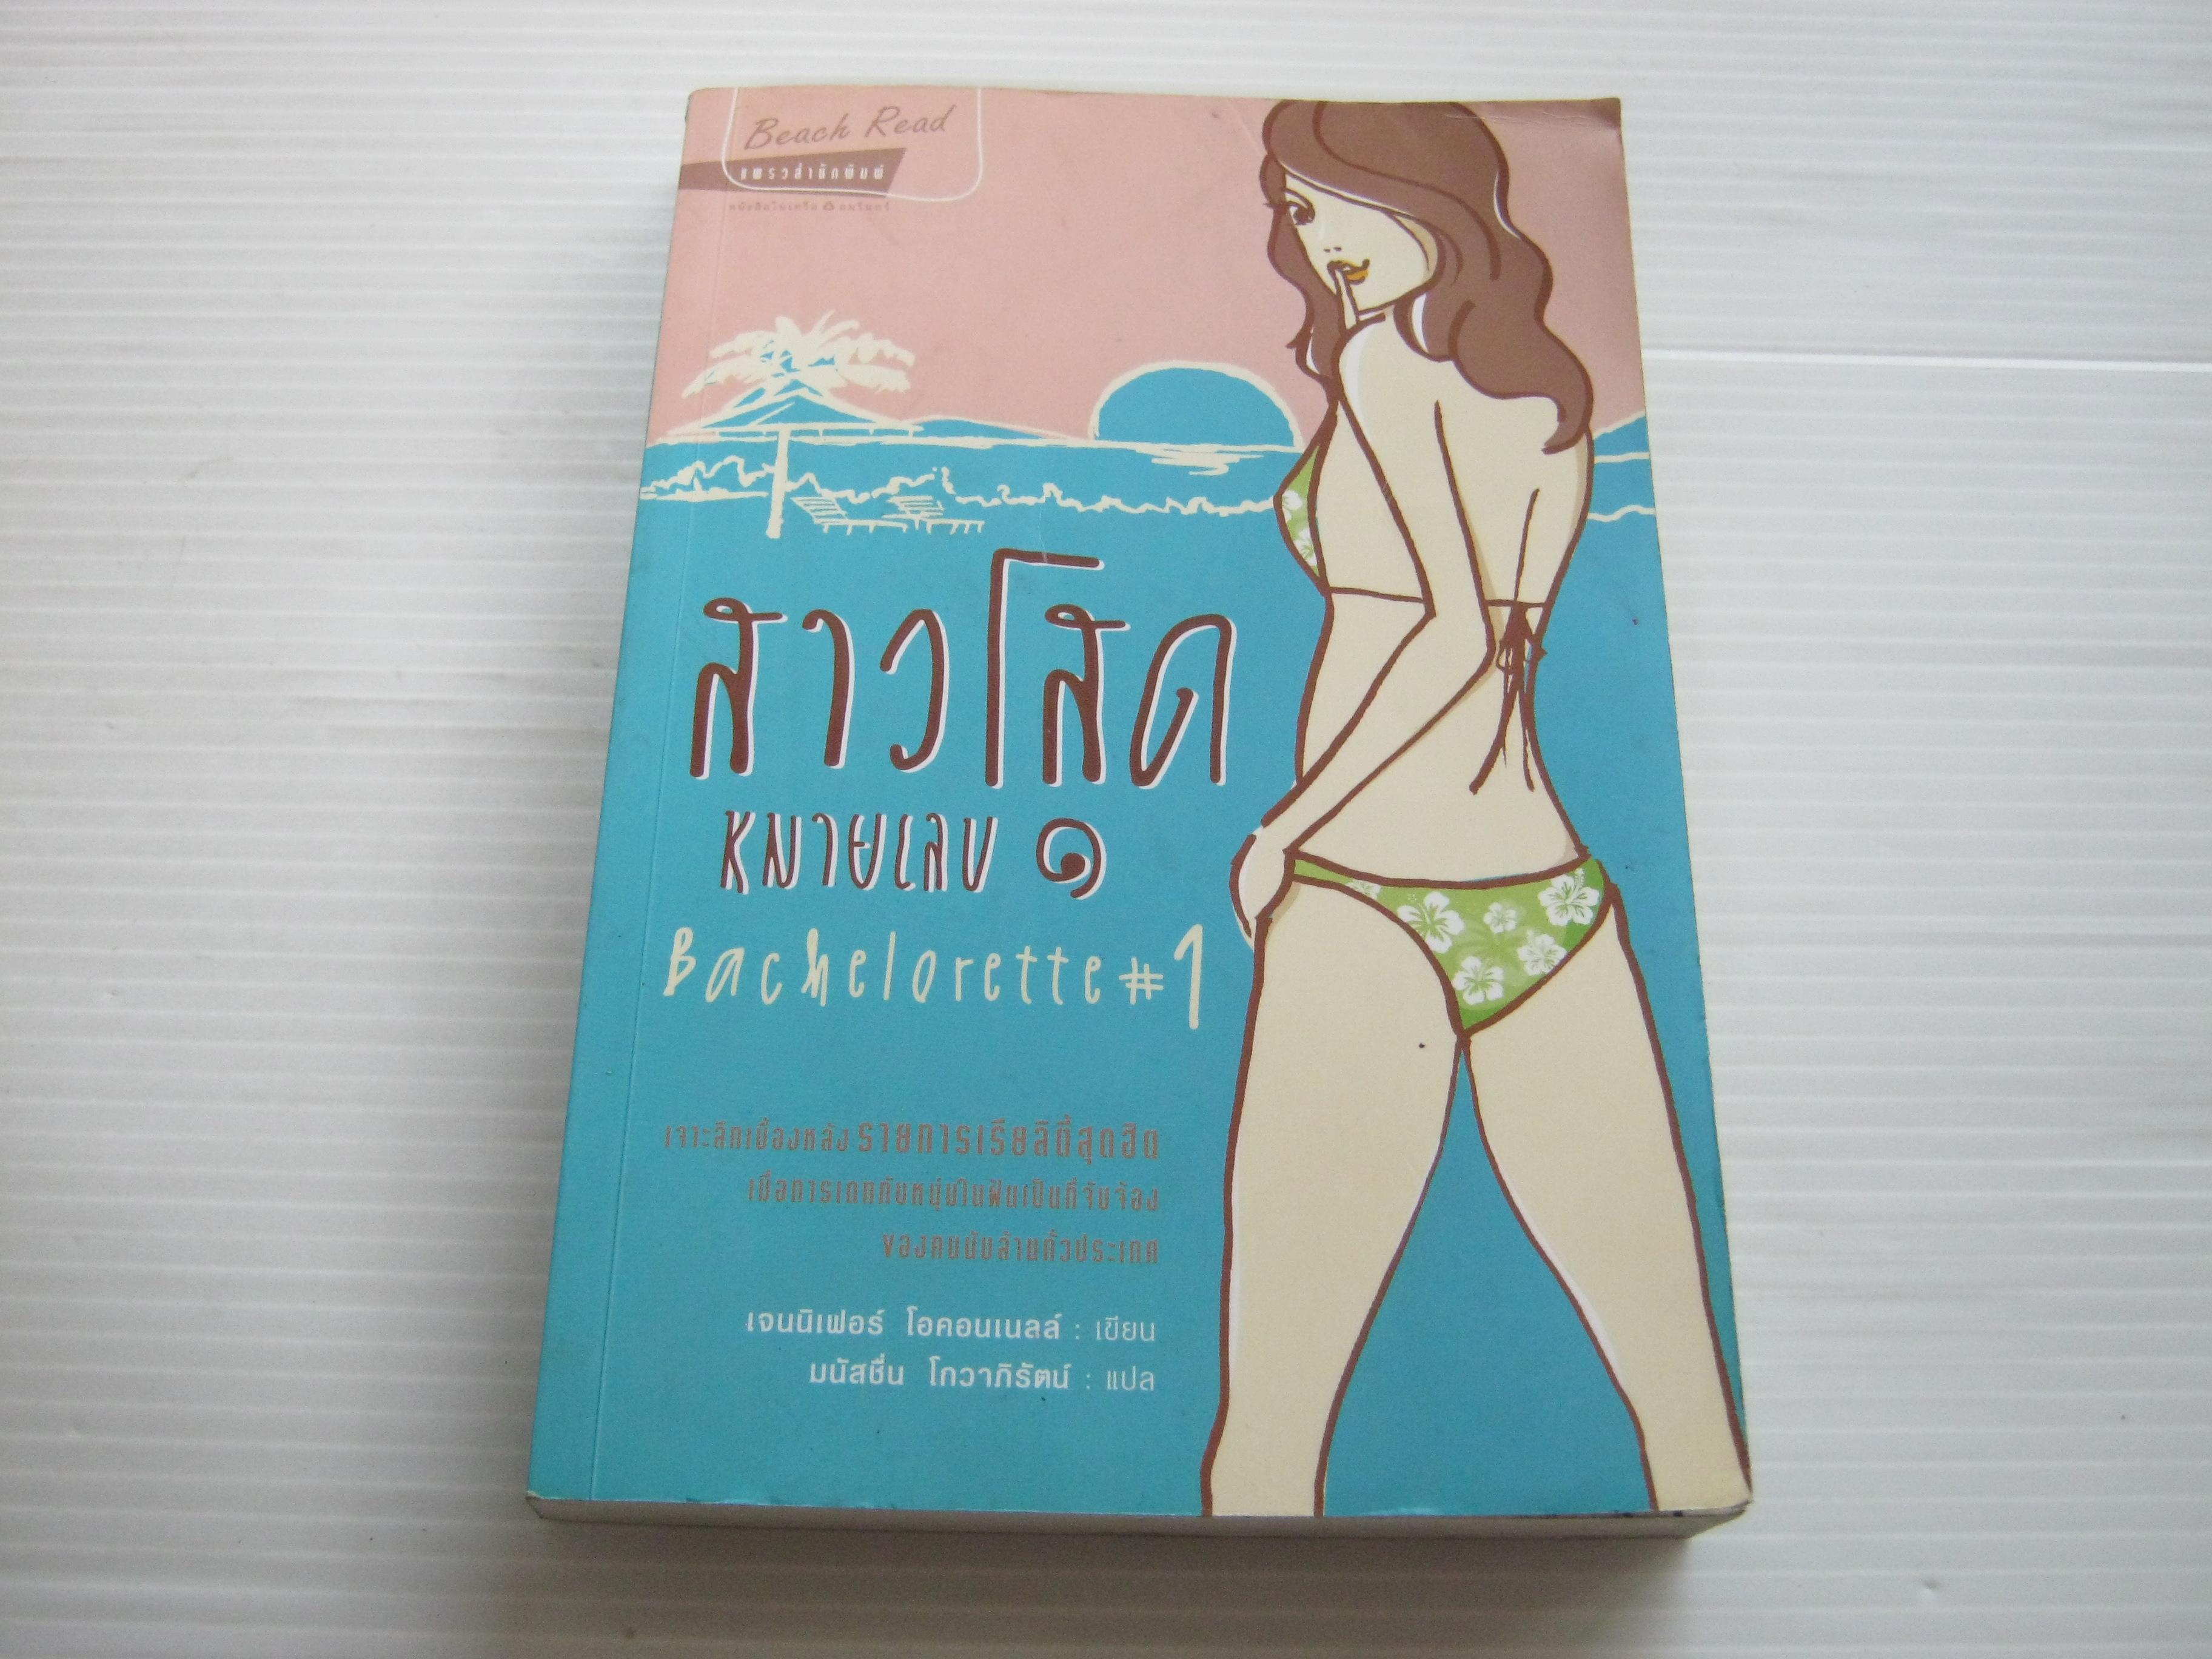 สาวโสดหมายเลข 1 (Beachlorette #1 เจนนิเฟอร์ โอคอนเนลล์ เขี่ยน มนัสชื่น โกวาภิรัตน์ แปล